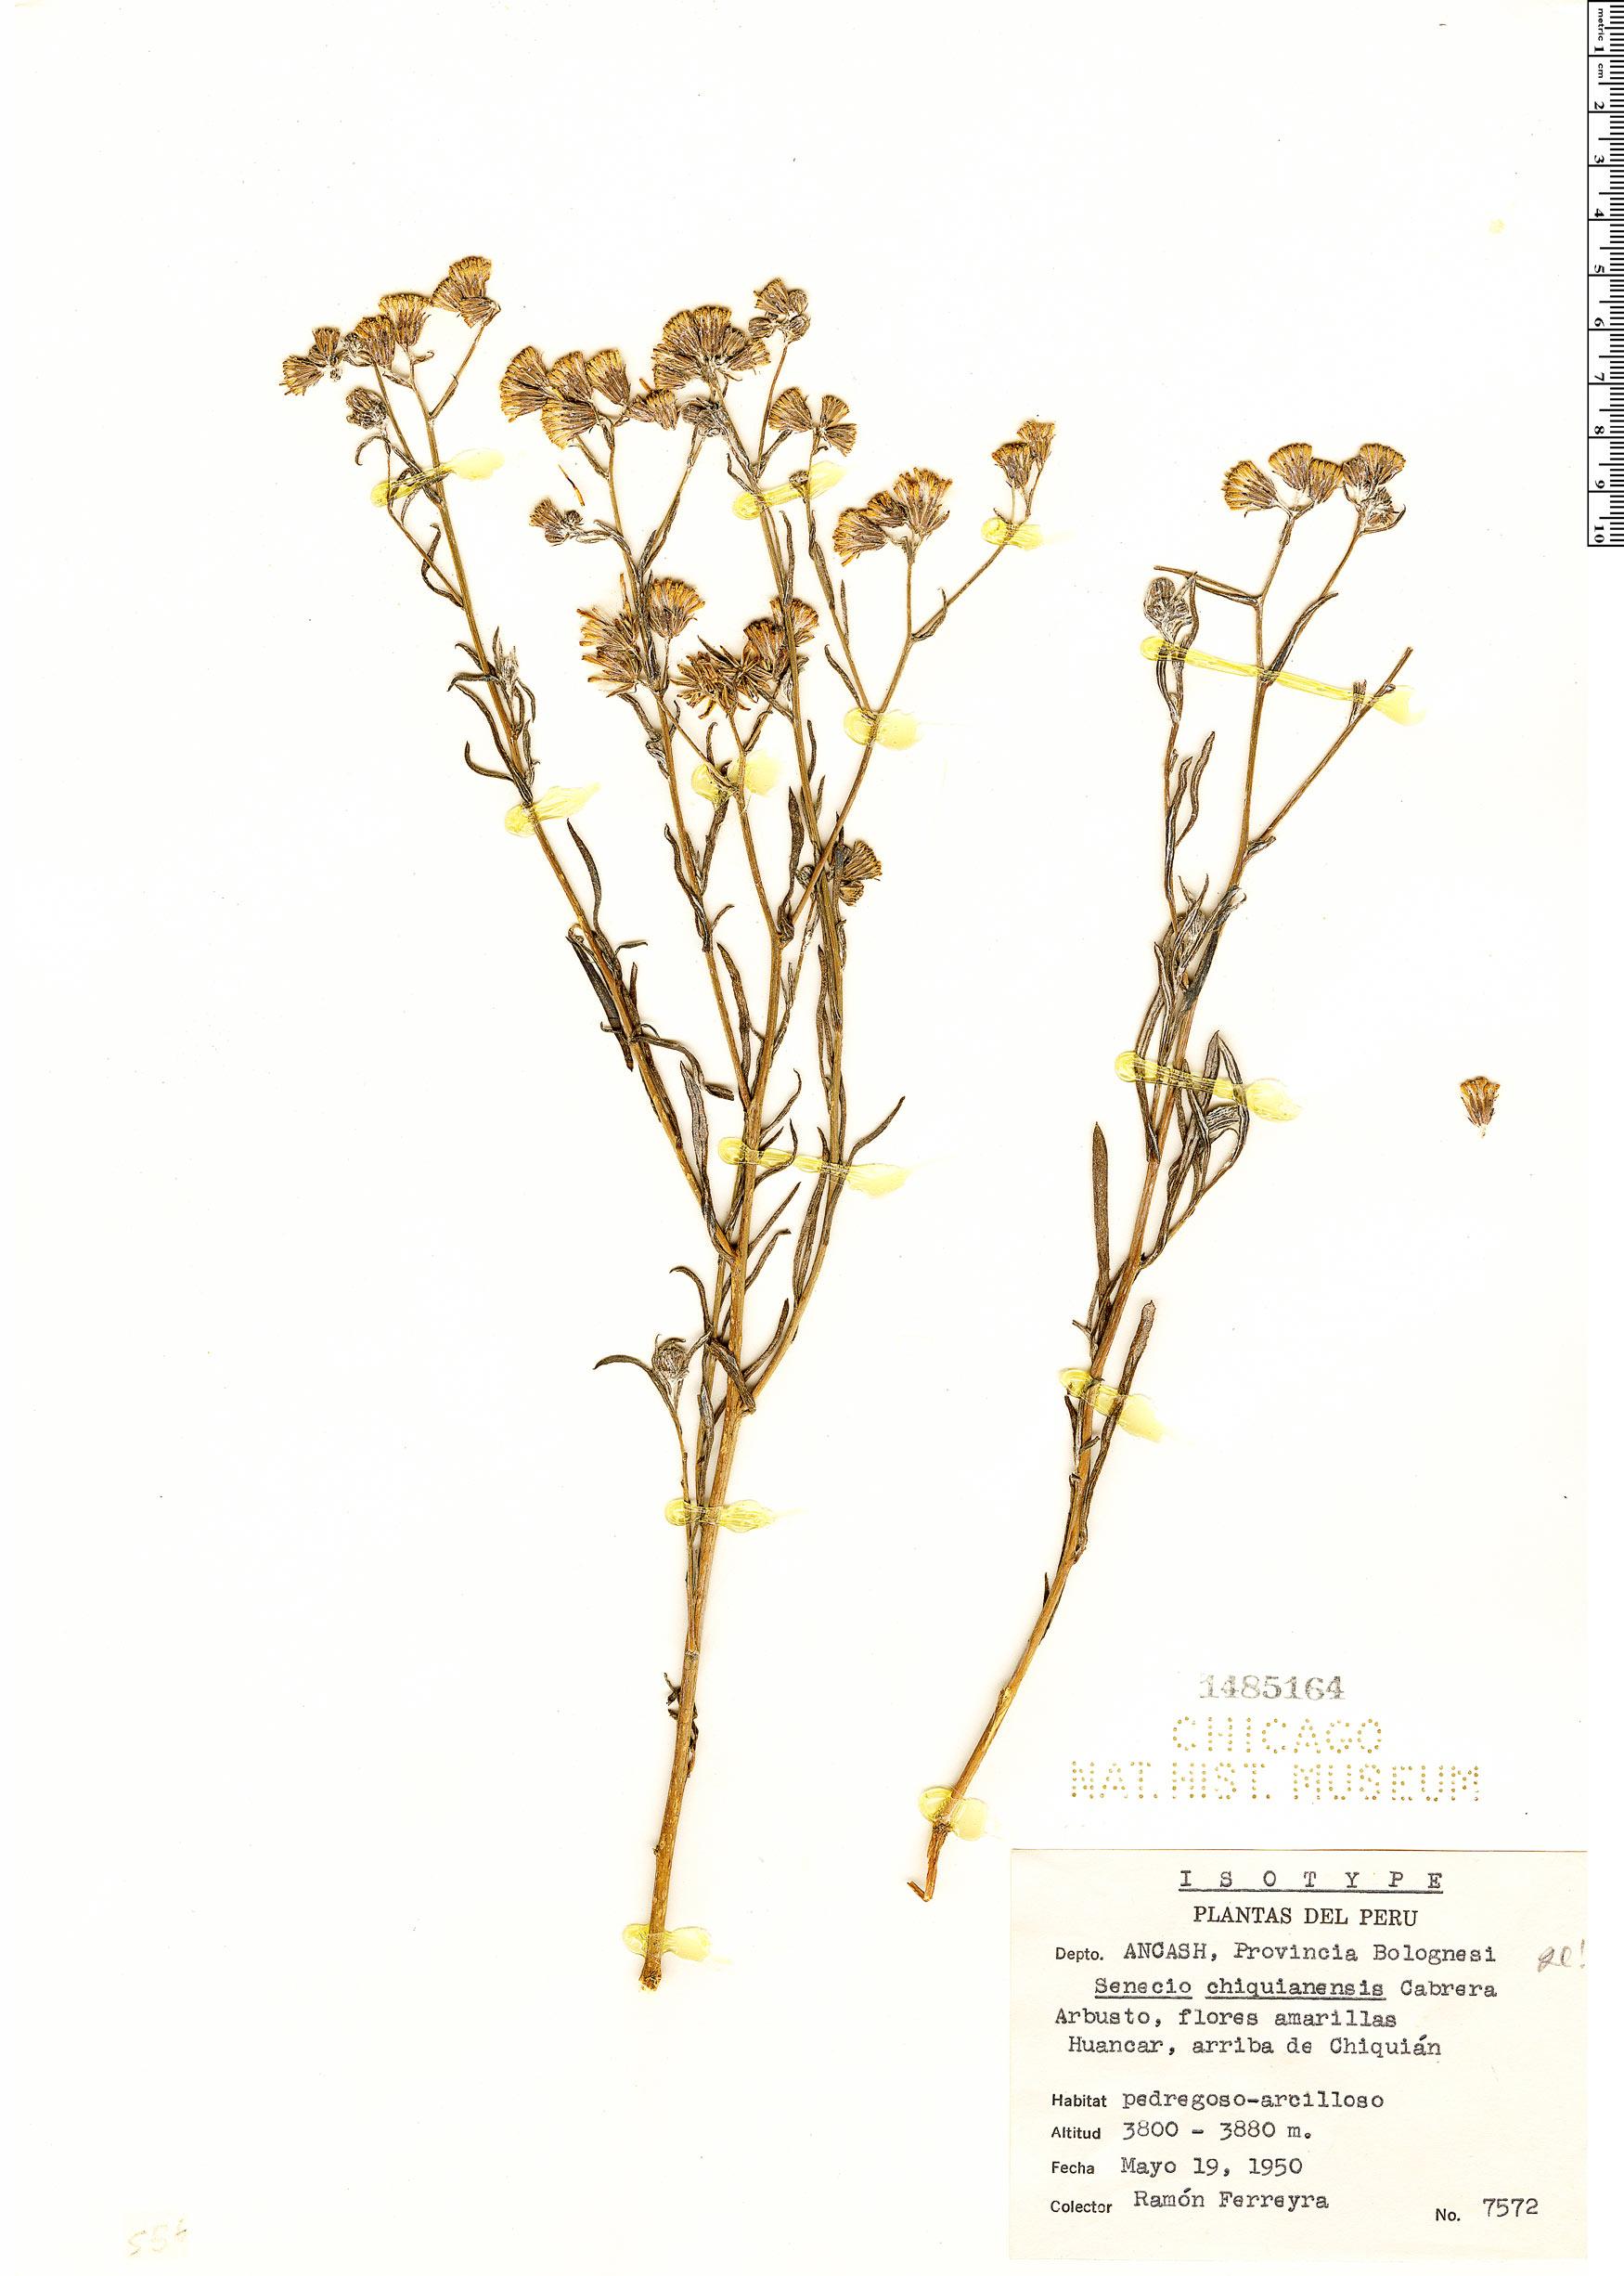 Specimen: Senecio chiquianensis